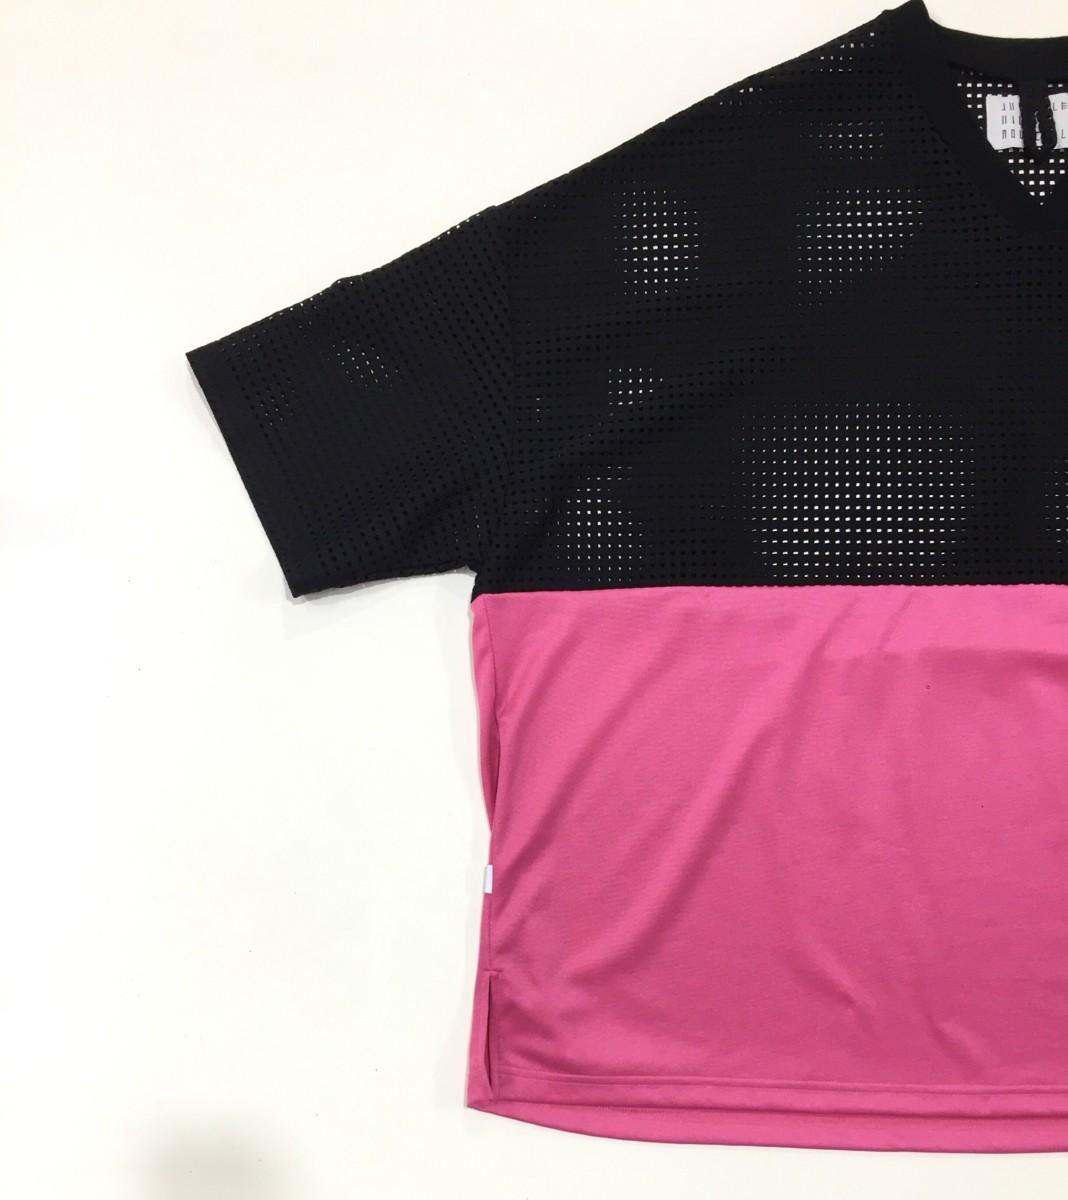 juvenile hall rollcall 1206 バイカラー メッシュ切替Tシャツ Fサイズ ジュヴェナイルホールロールコール プルオーバートップス_画像4